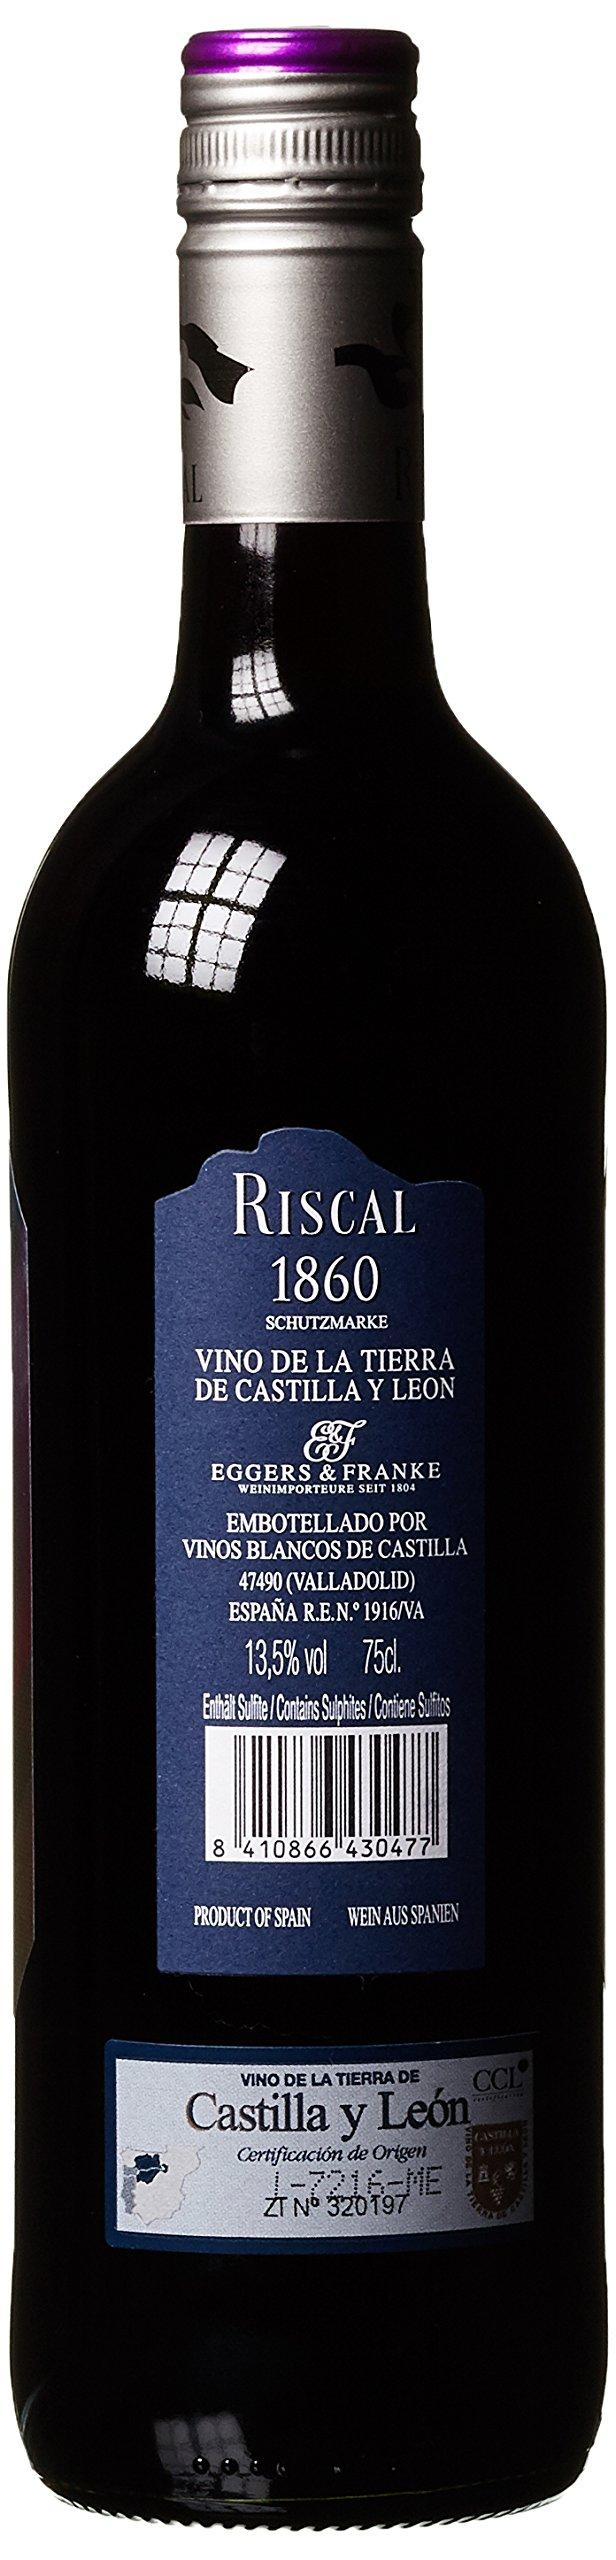 Marques-de-Riscal-Riscal-Tempranillo-1860-20152016-trocken-6-x-075-l